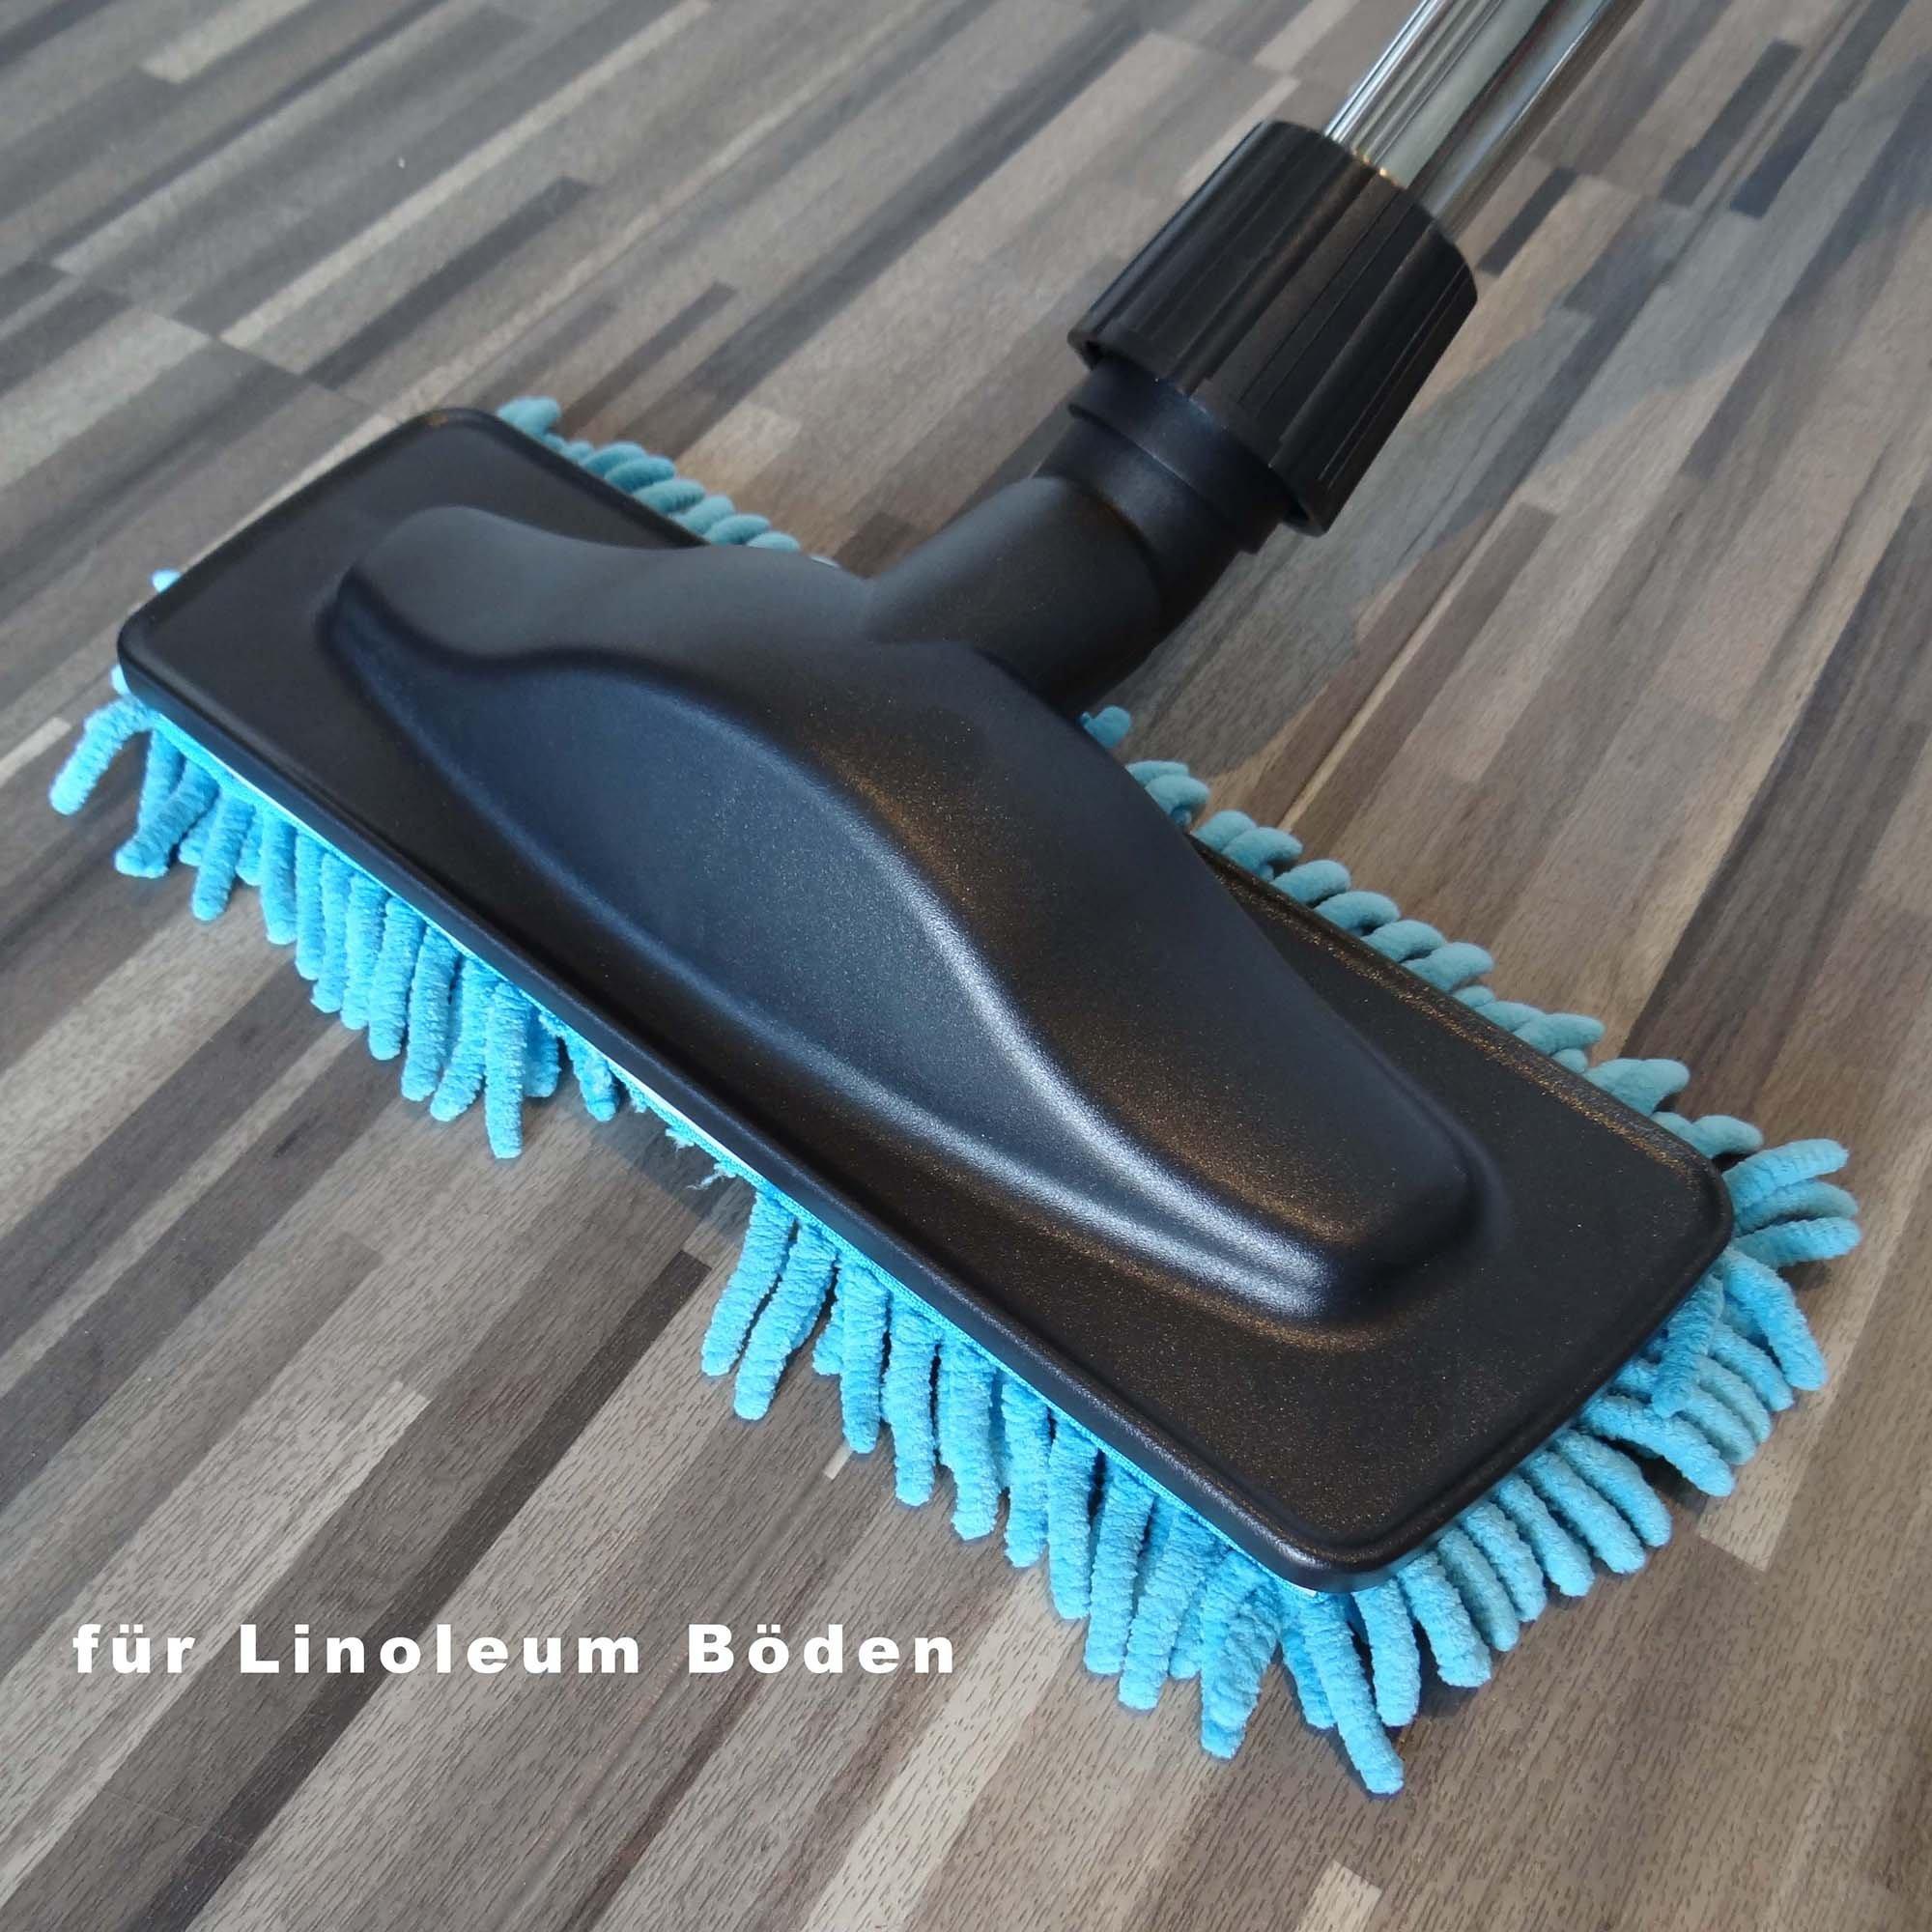 boquilla /& Boquilla para suelo duro en Juego para Nilfisk Power Allergy 3: 3er Set pincel de aspiraci/ón Aspiradora tubo boquilla D/üsen /& Saugrohr